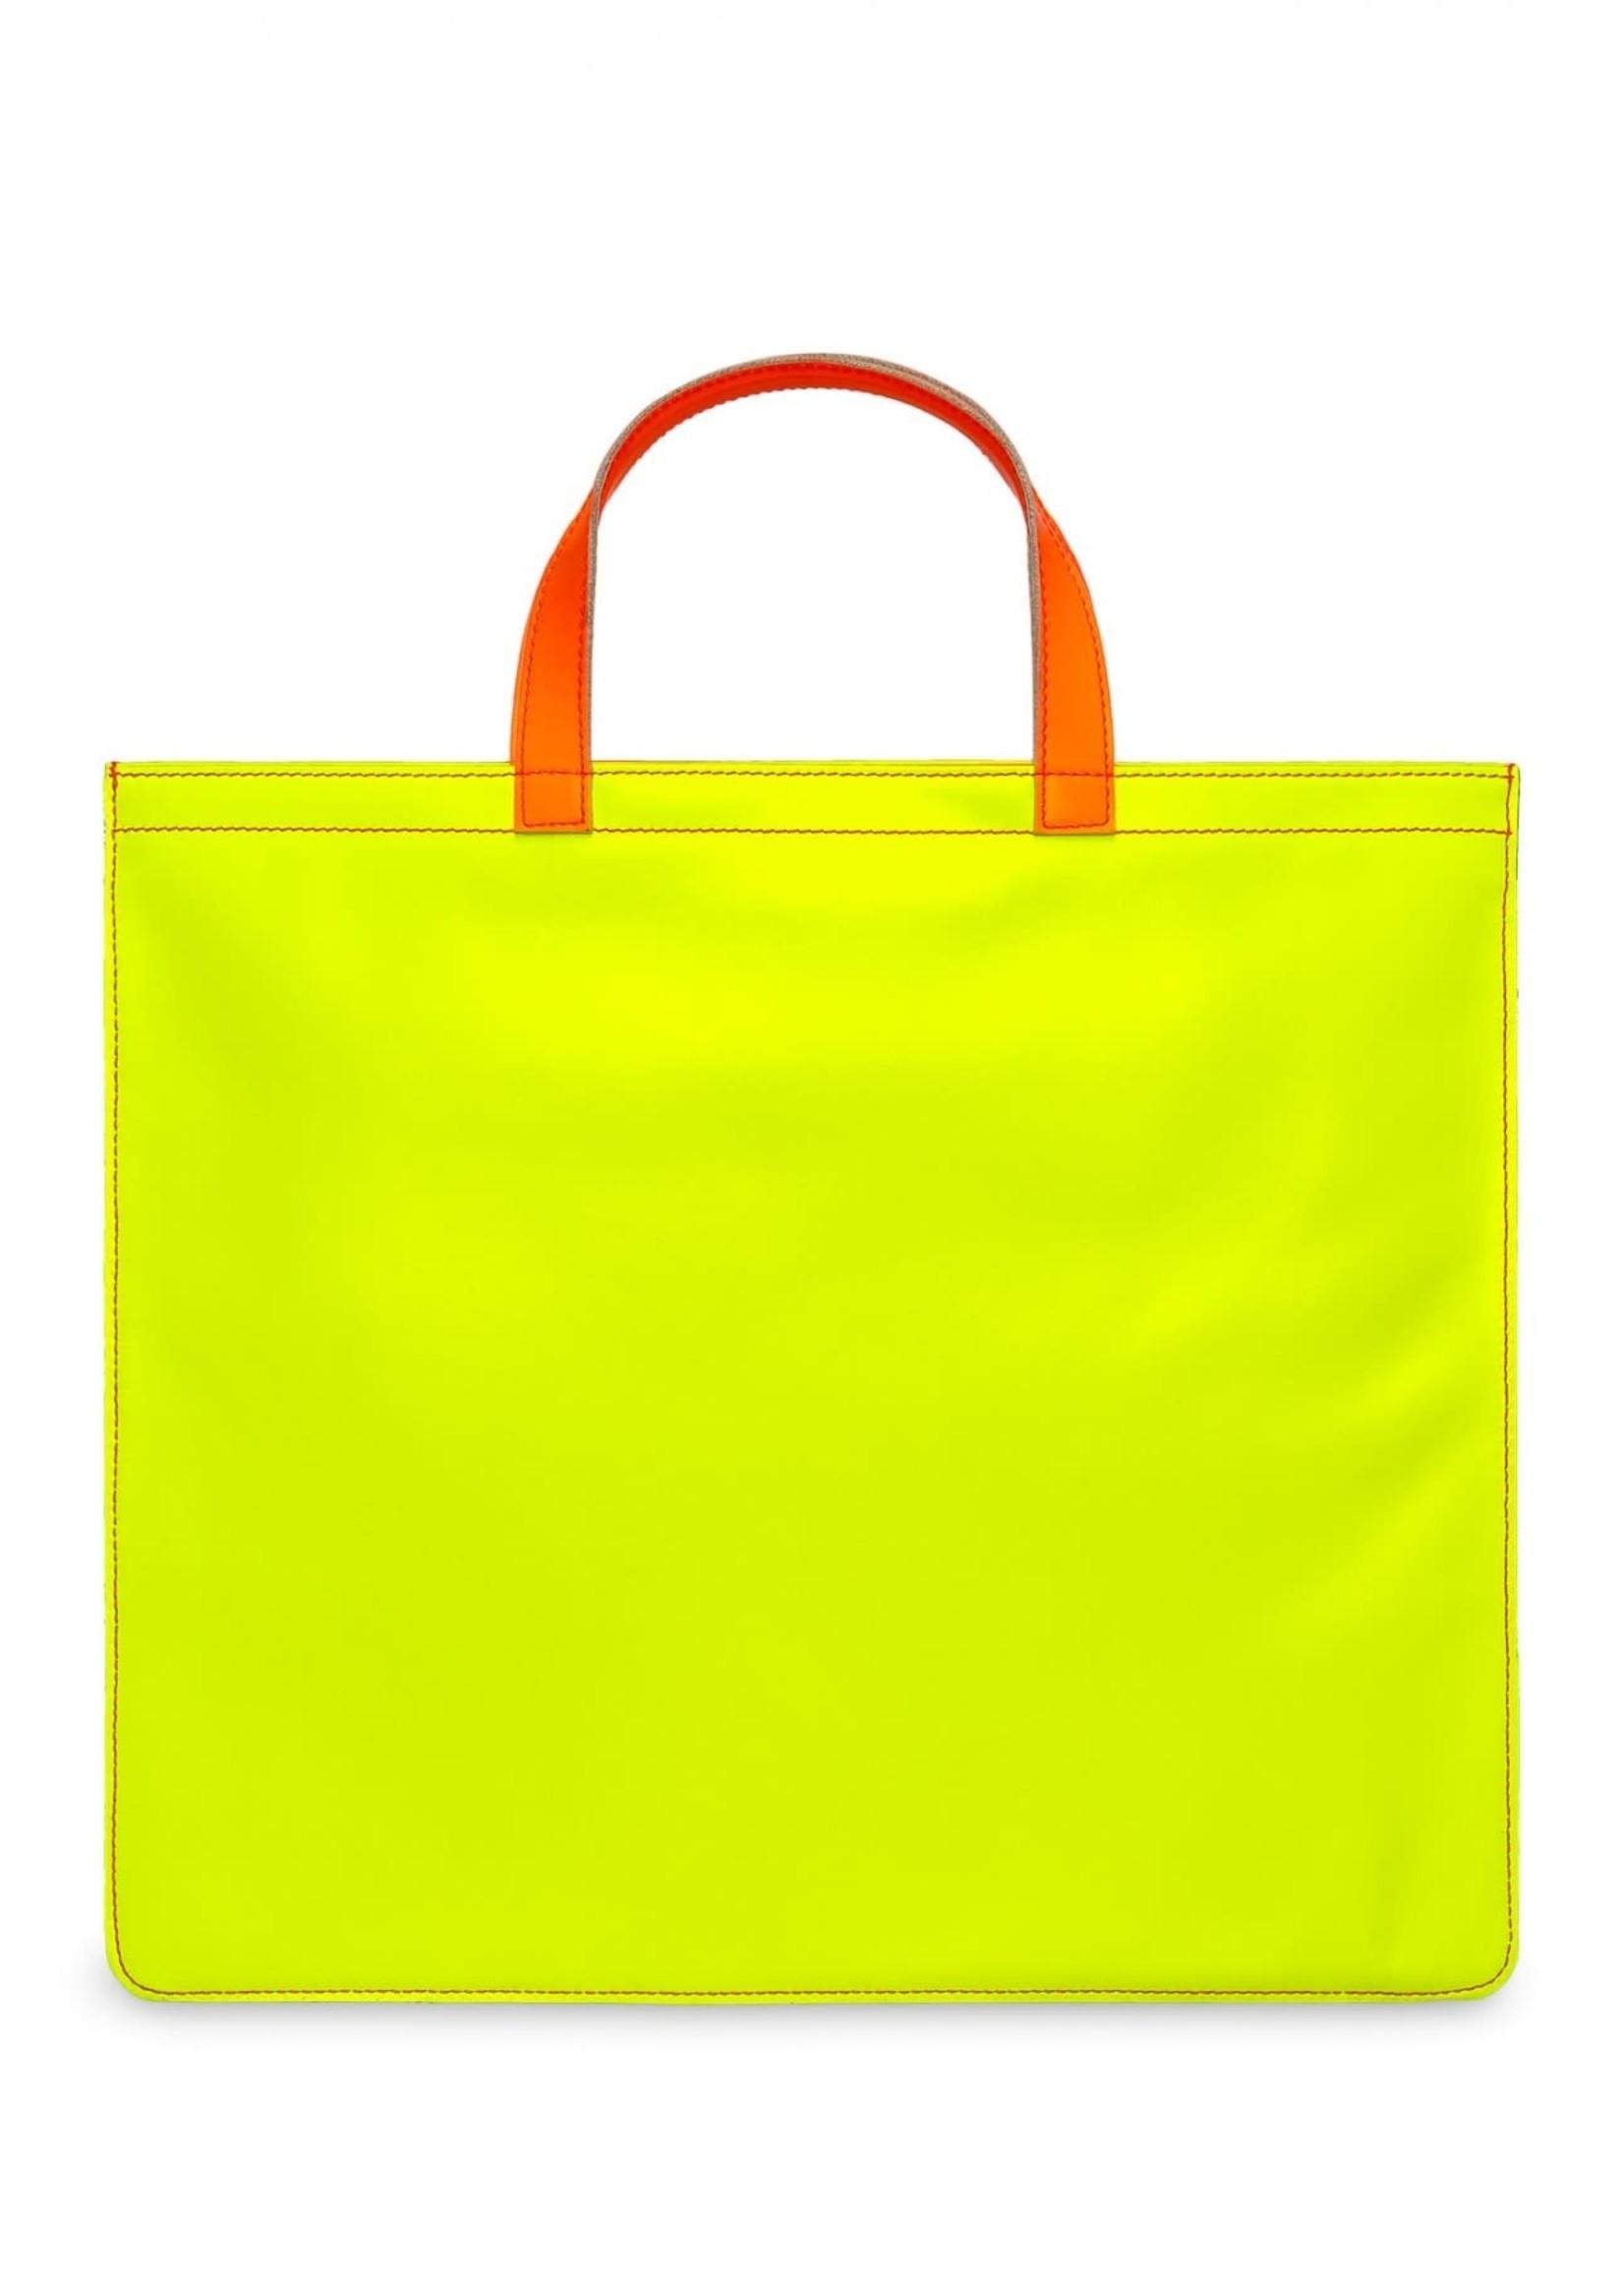 COMME des GARÇONS WALLET Comme des Garçons Super Fluo Leather Tote in Pink/Yellow